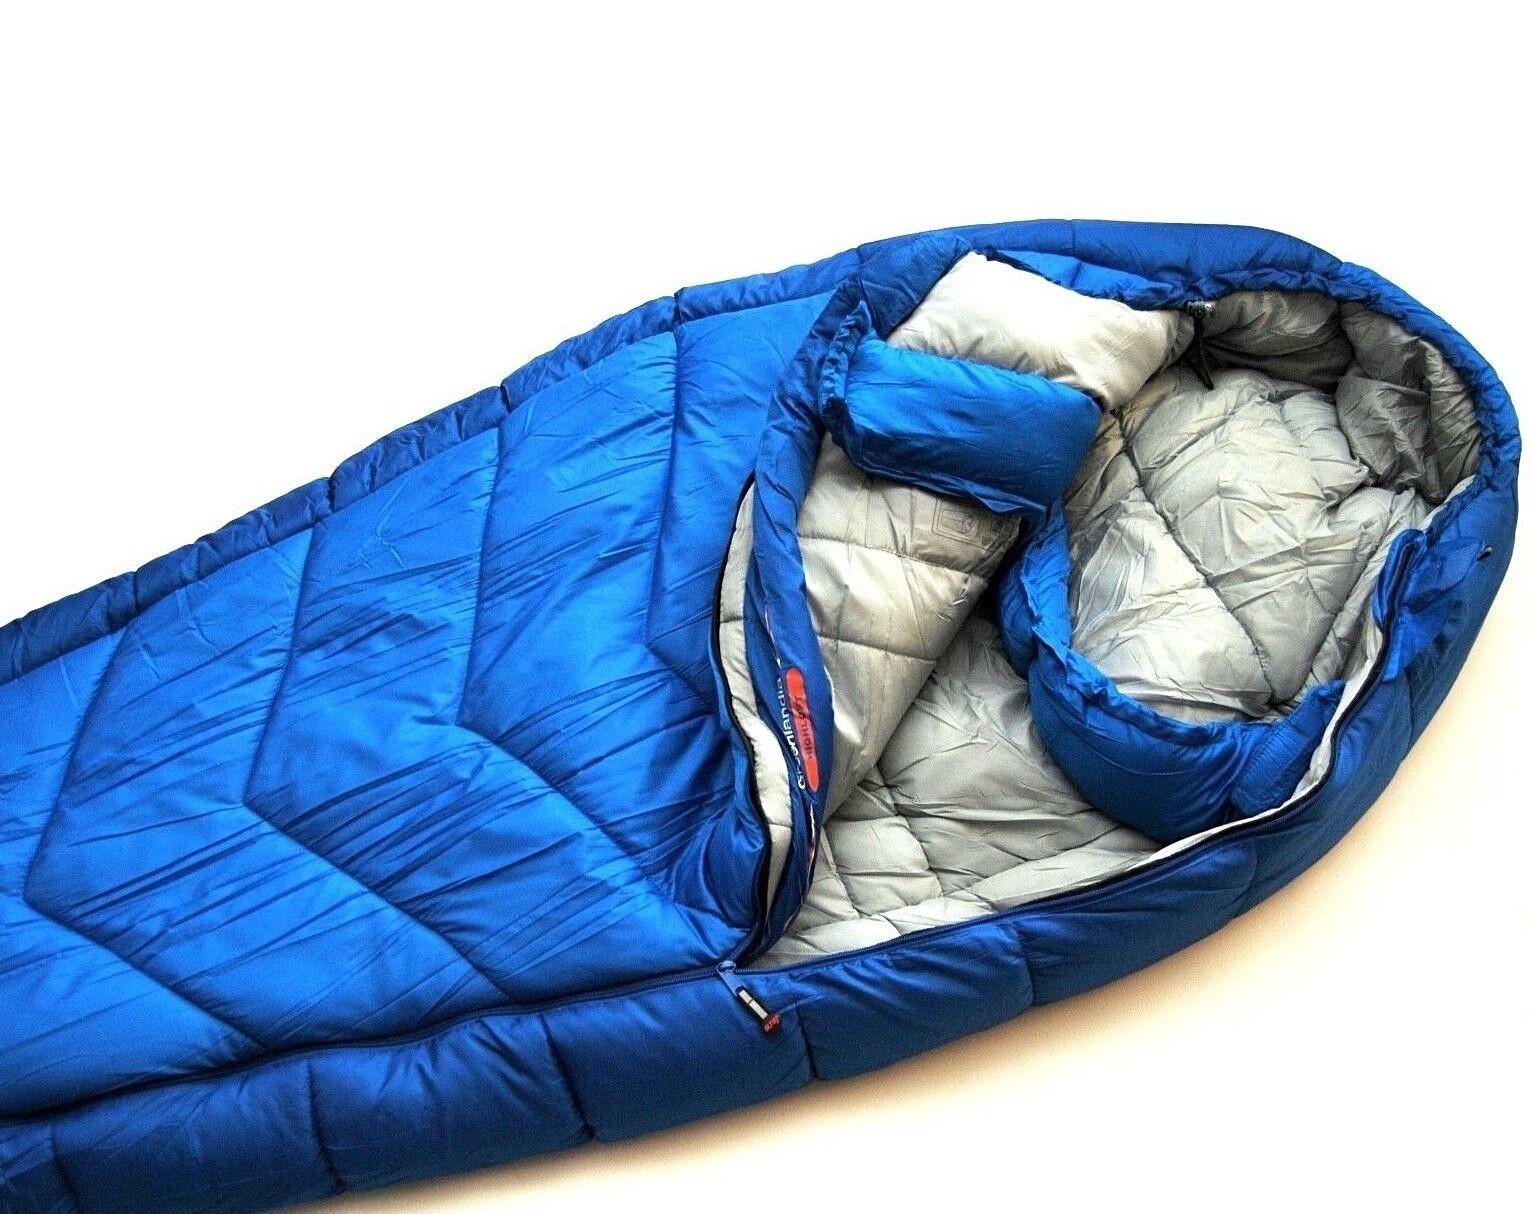 Altus saco de dormir saco de dormir momia expeditionsschlafsack Groenland - 30 grados nuevo